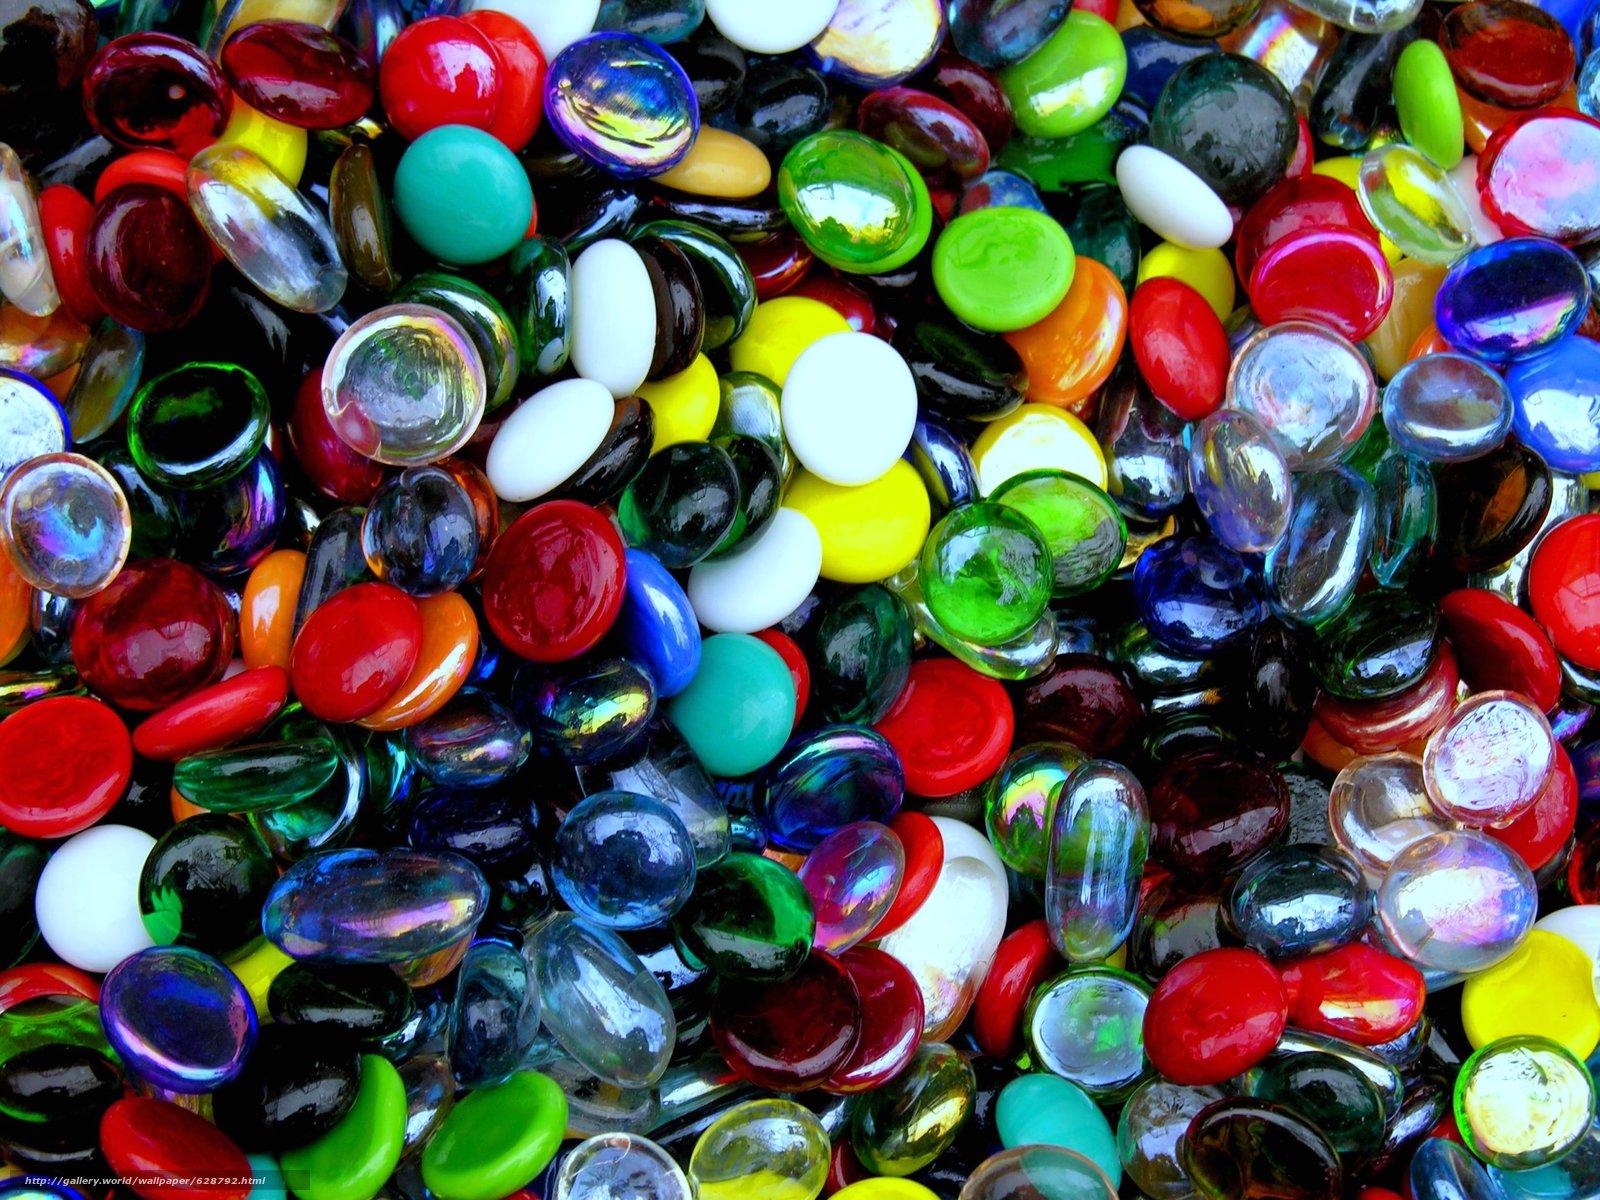 текстура, разноцветные, Стеклянные Камни